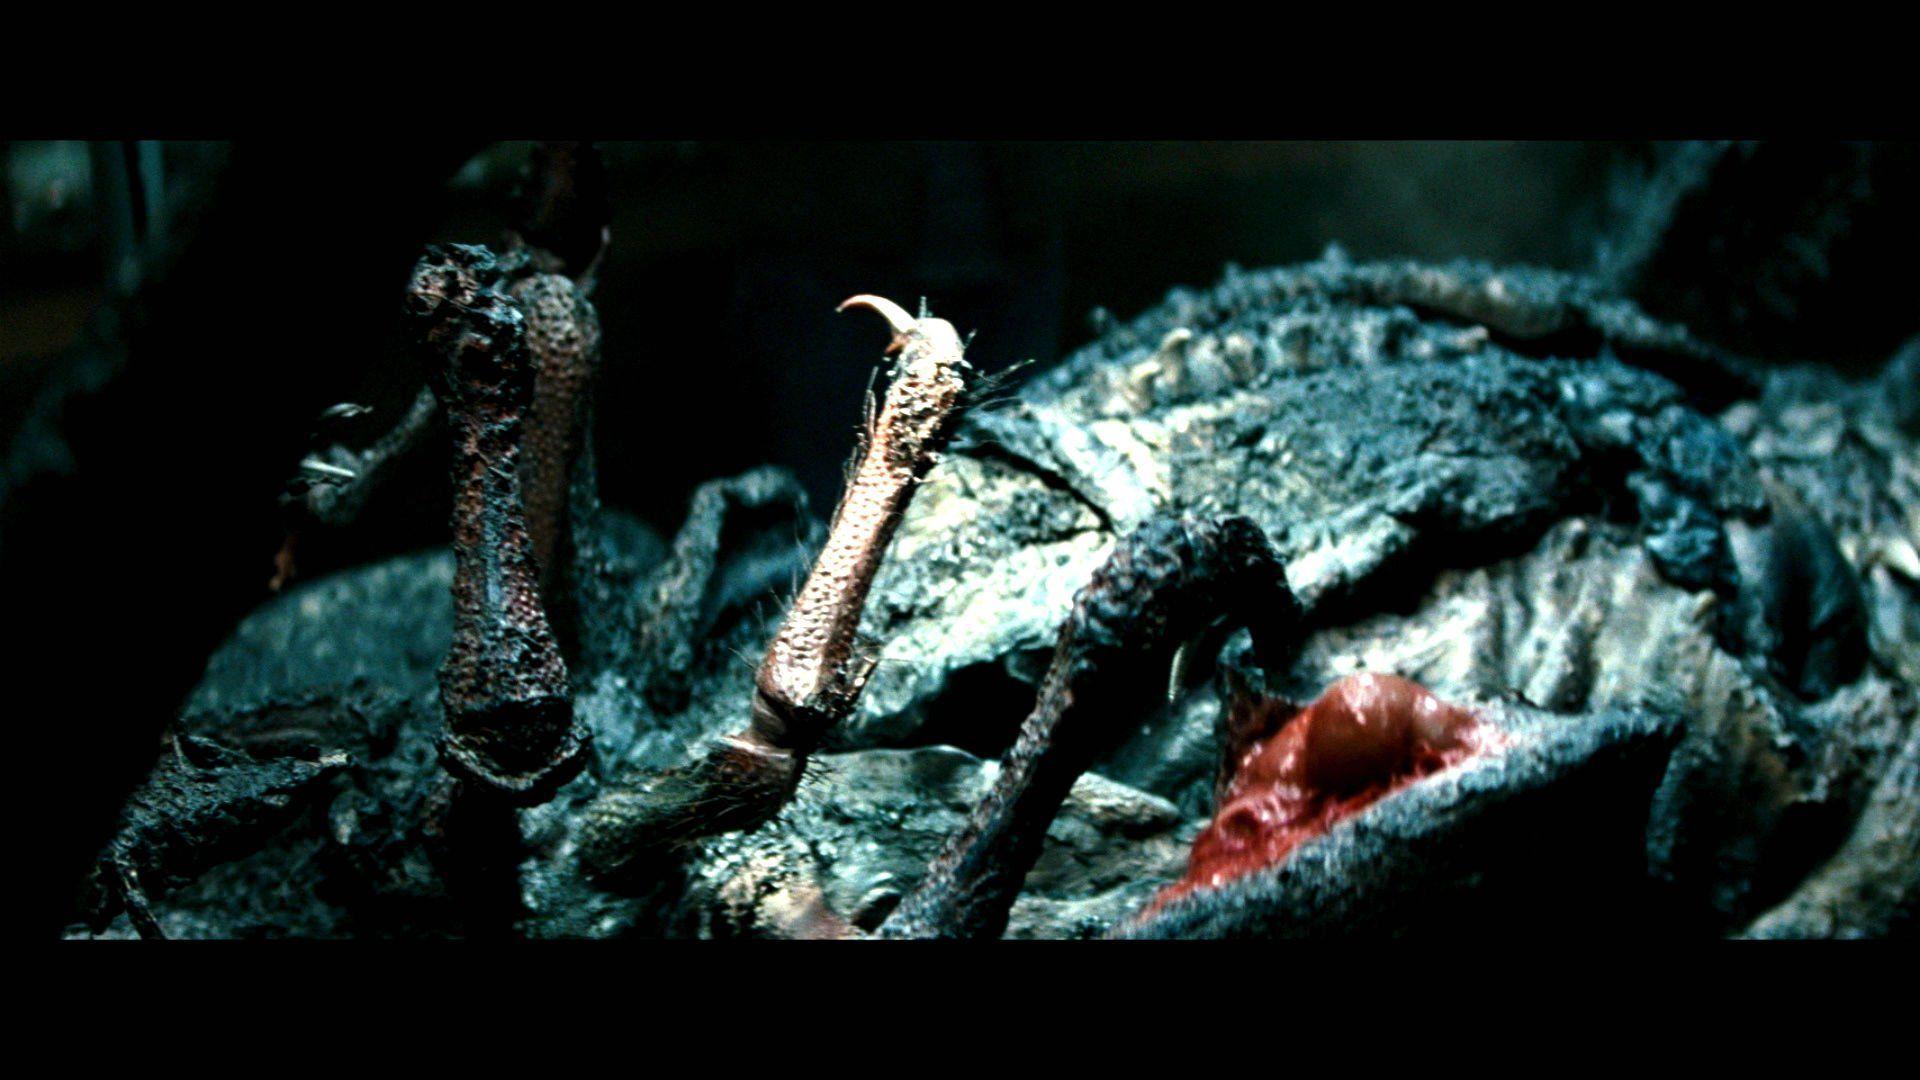 THE THING horror mystery thriller sci-fi monster dark alien g ...